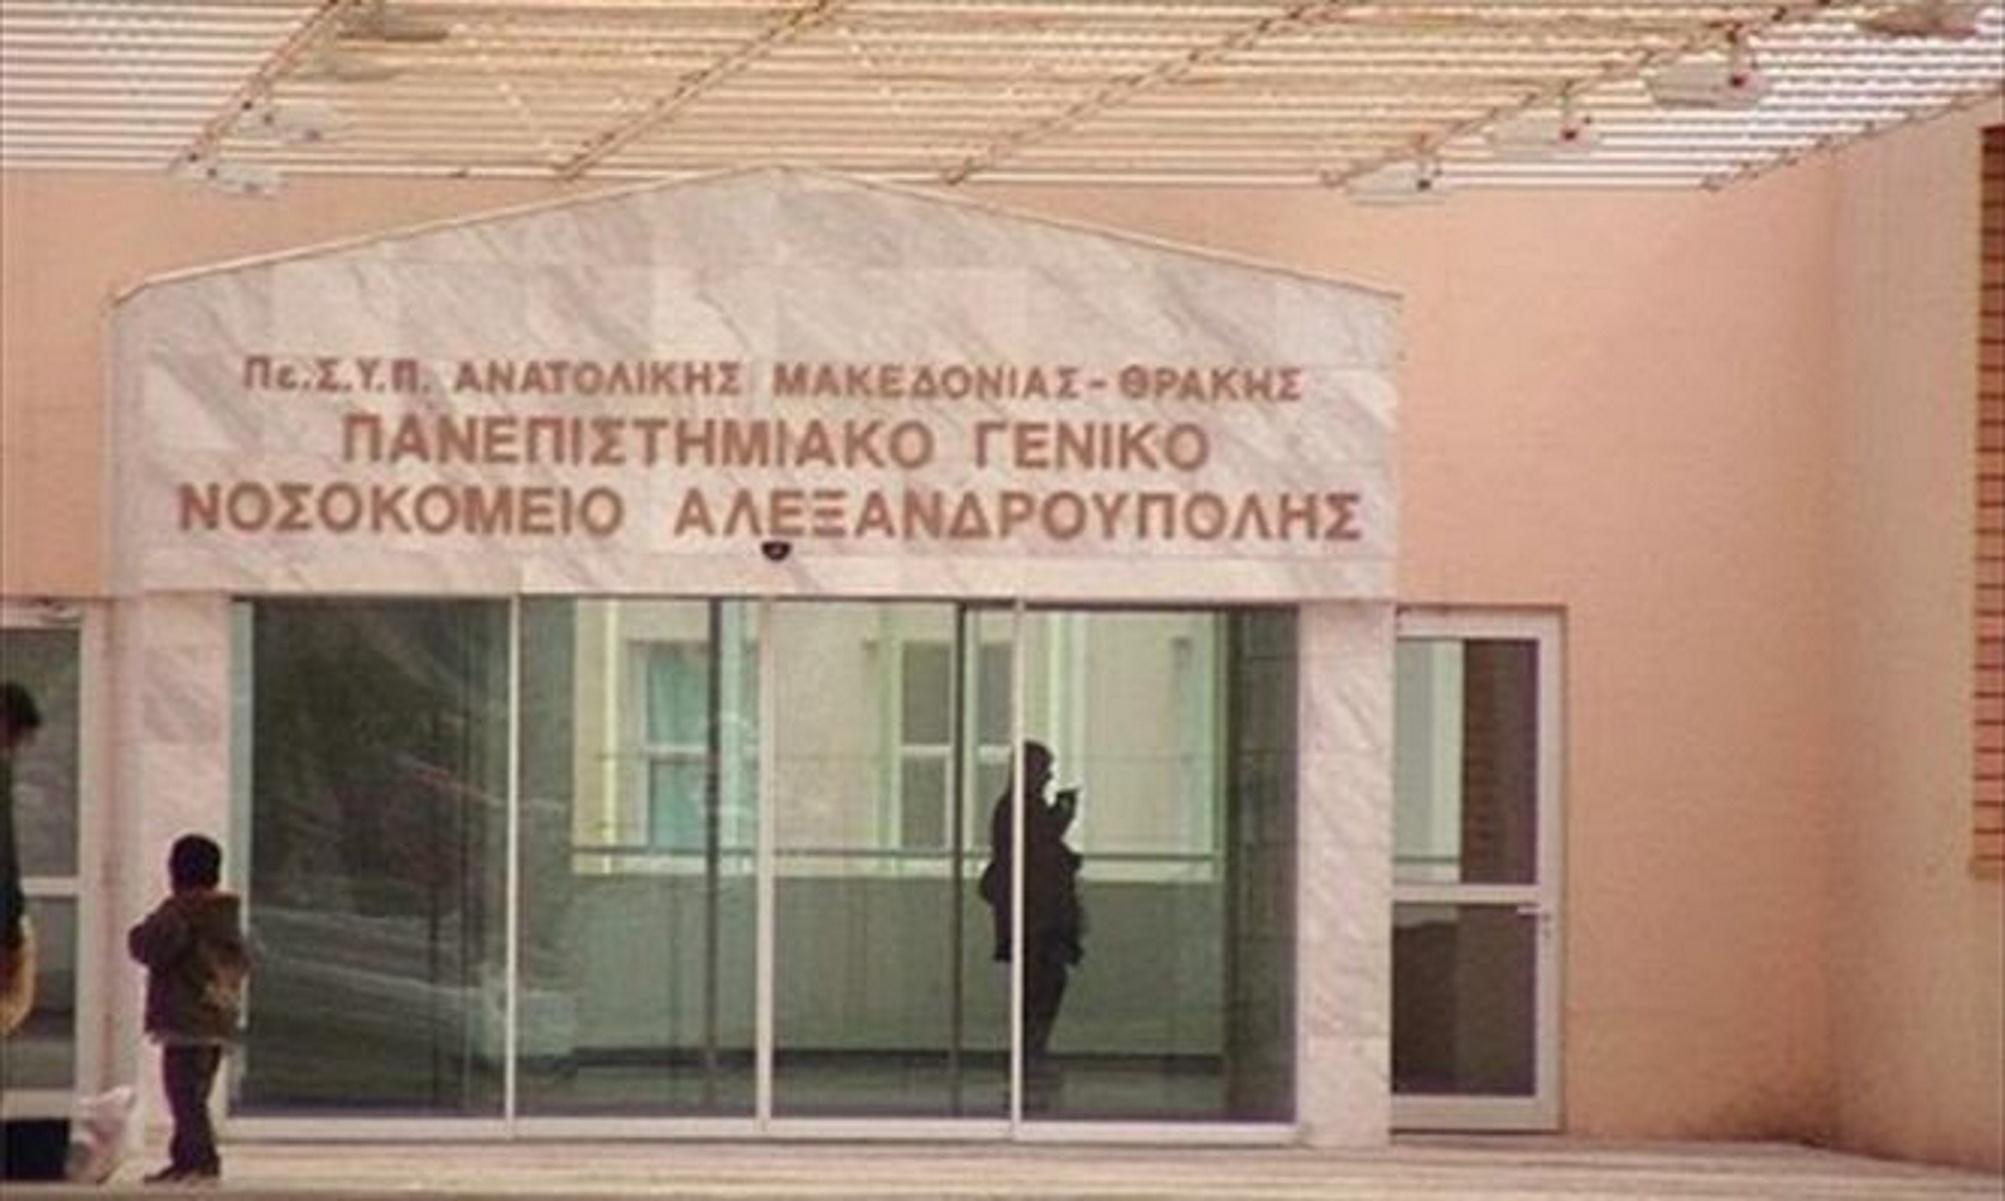 Κορονοϊός: Διακοπές οξυγόνου στο Νοσοκομείο Αλεξανδρούπολης – Το σύστημα ξεπερνά τα όριά του